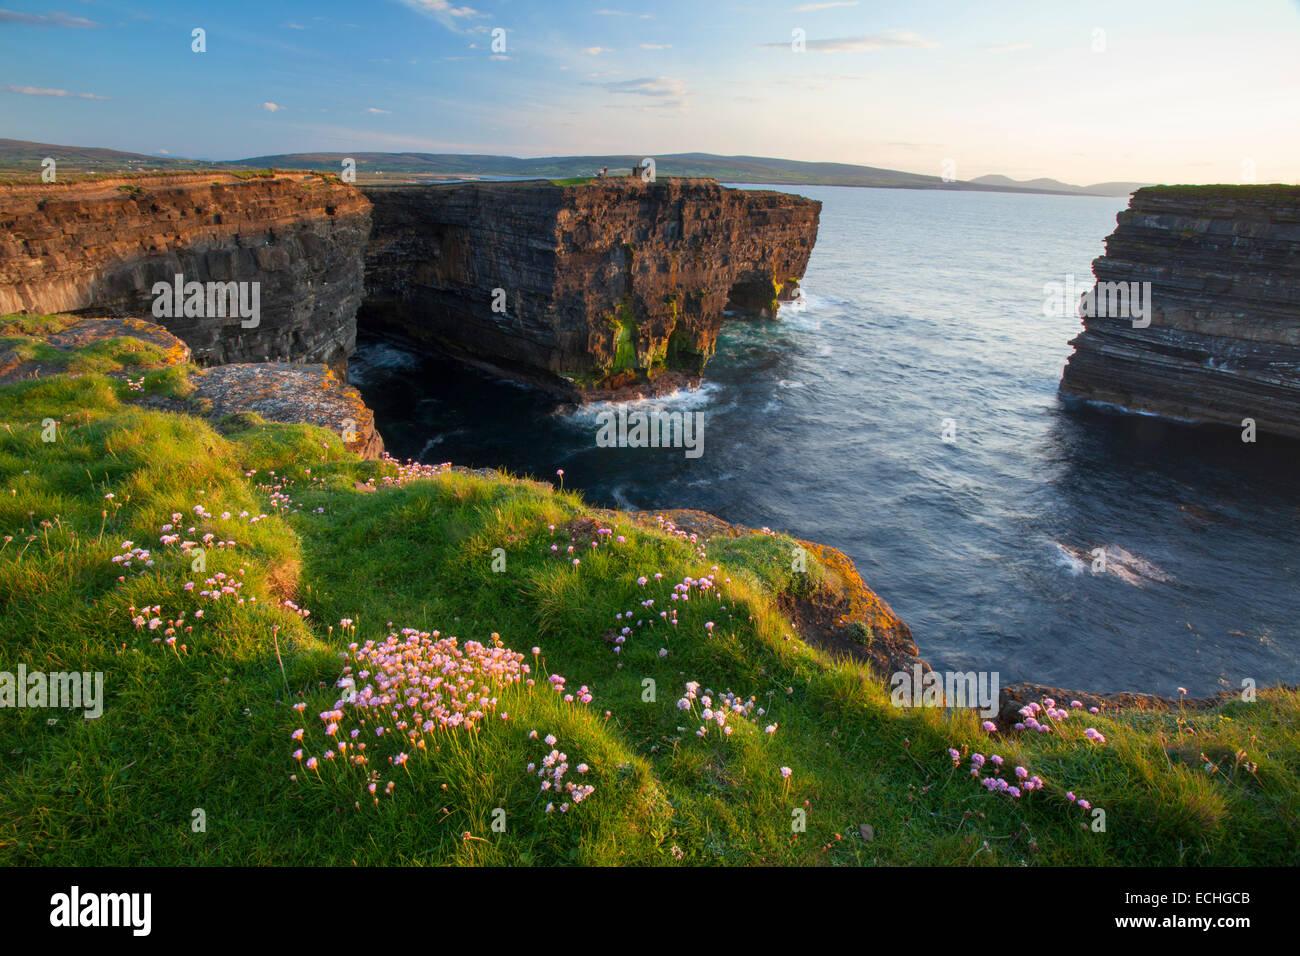 La parsimonia che cresce su una scogliera a Downpatrick Head, County Mayo, Irlanda. Immagini Stock